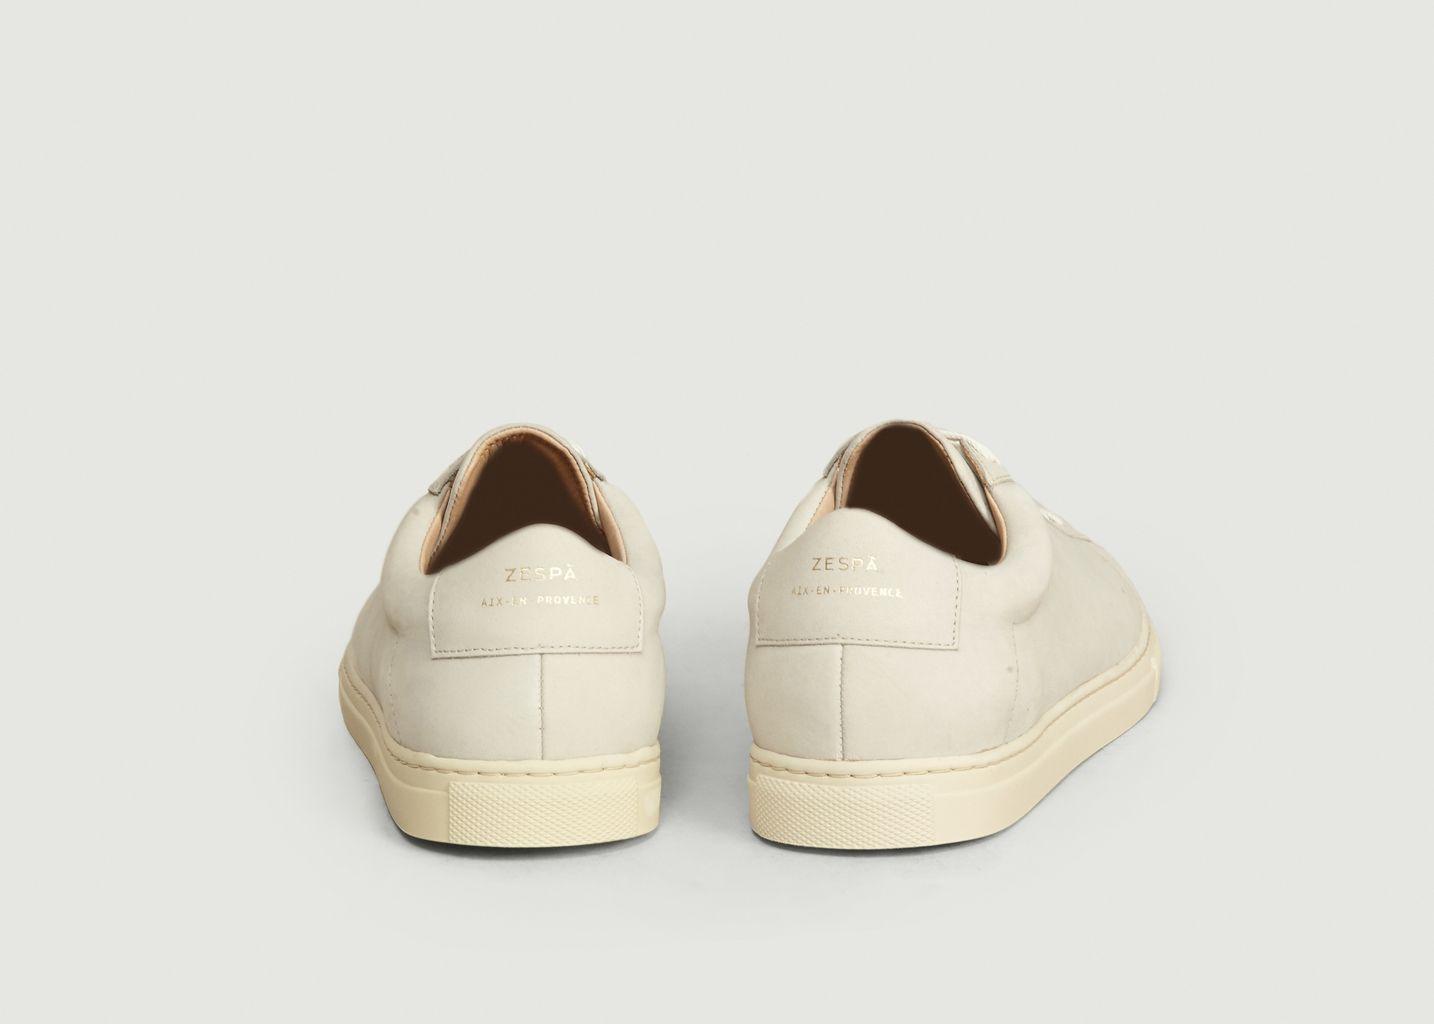 Sneakers en nubuck ZSP4 Monochrome - Zespa